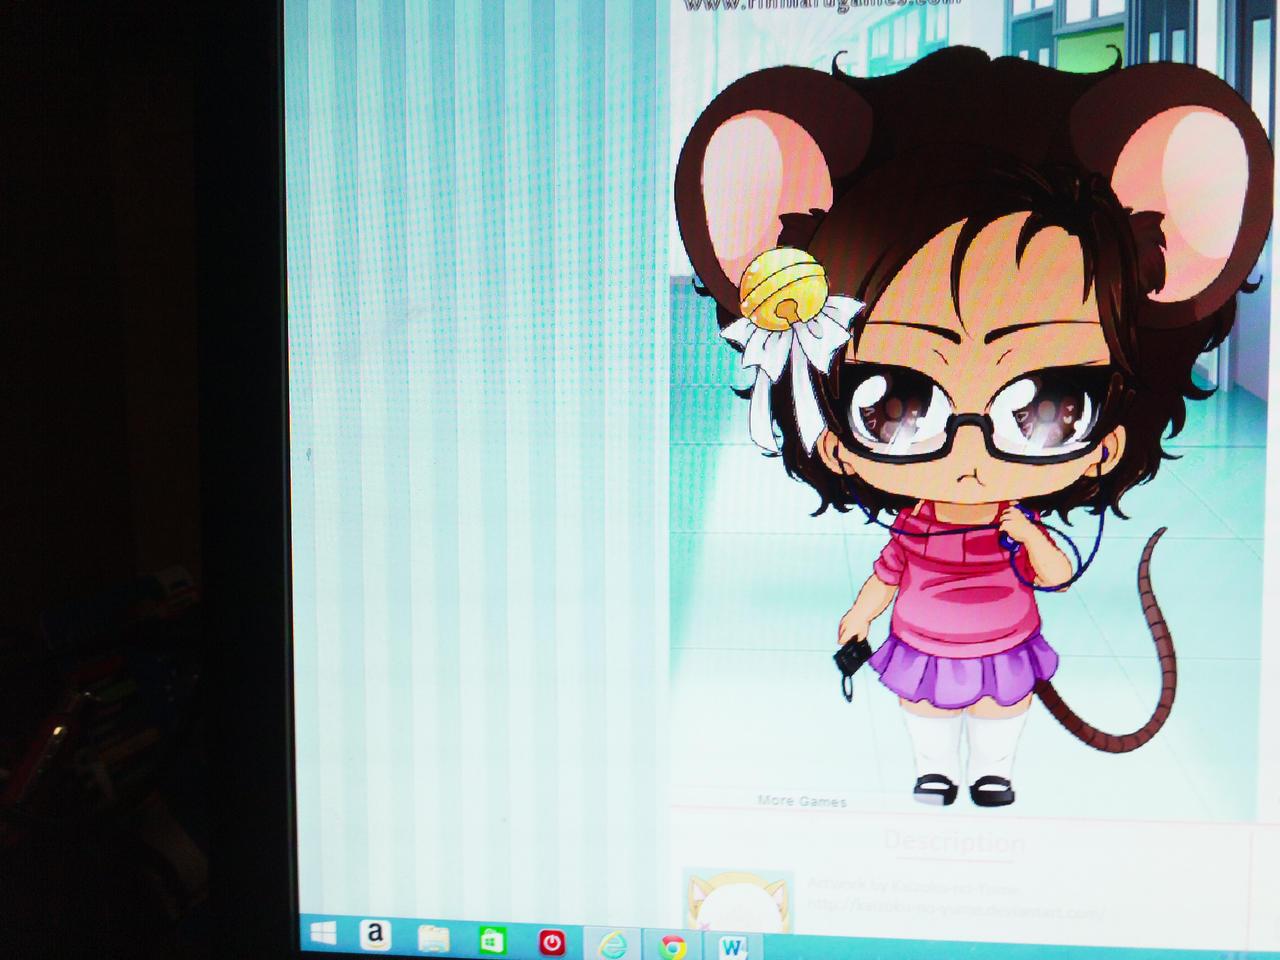 IluvuMABEL's Profile Picture